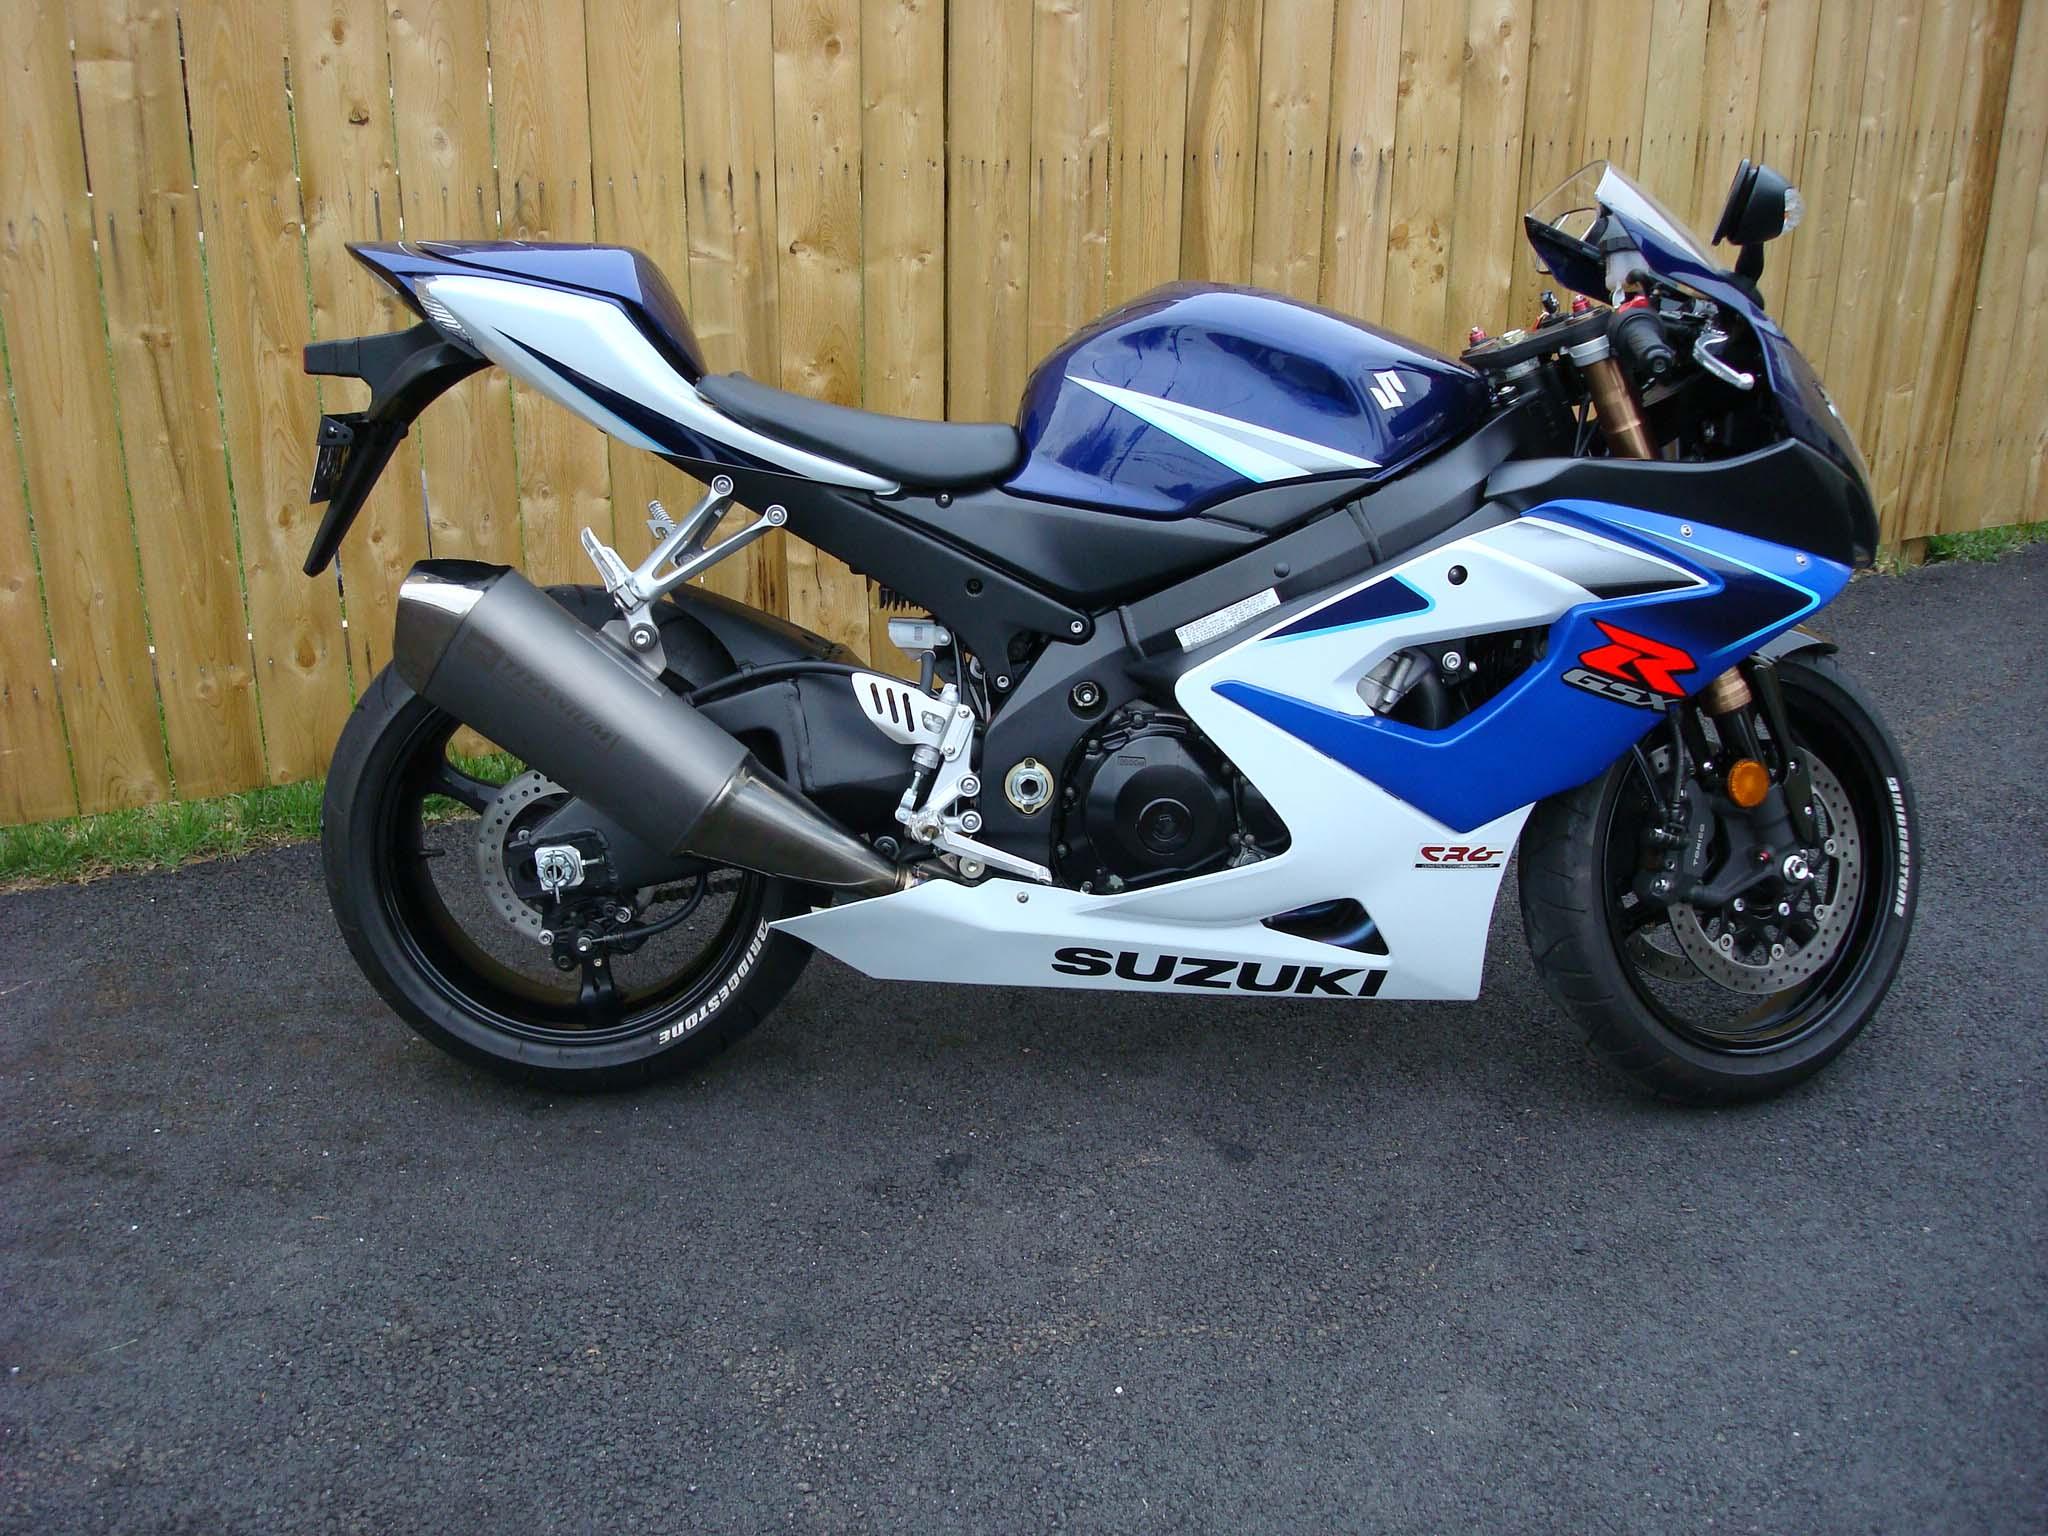 Suzuki Gsxr 600 >> 2006 GSXR ? 1000 $7,999.00 Title in hand - Sportbikes.net